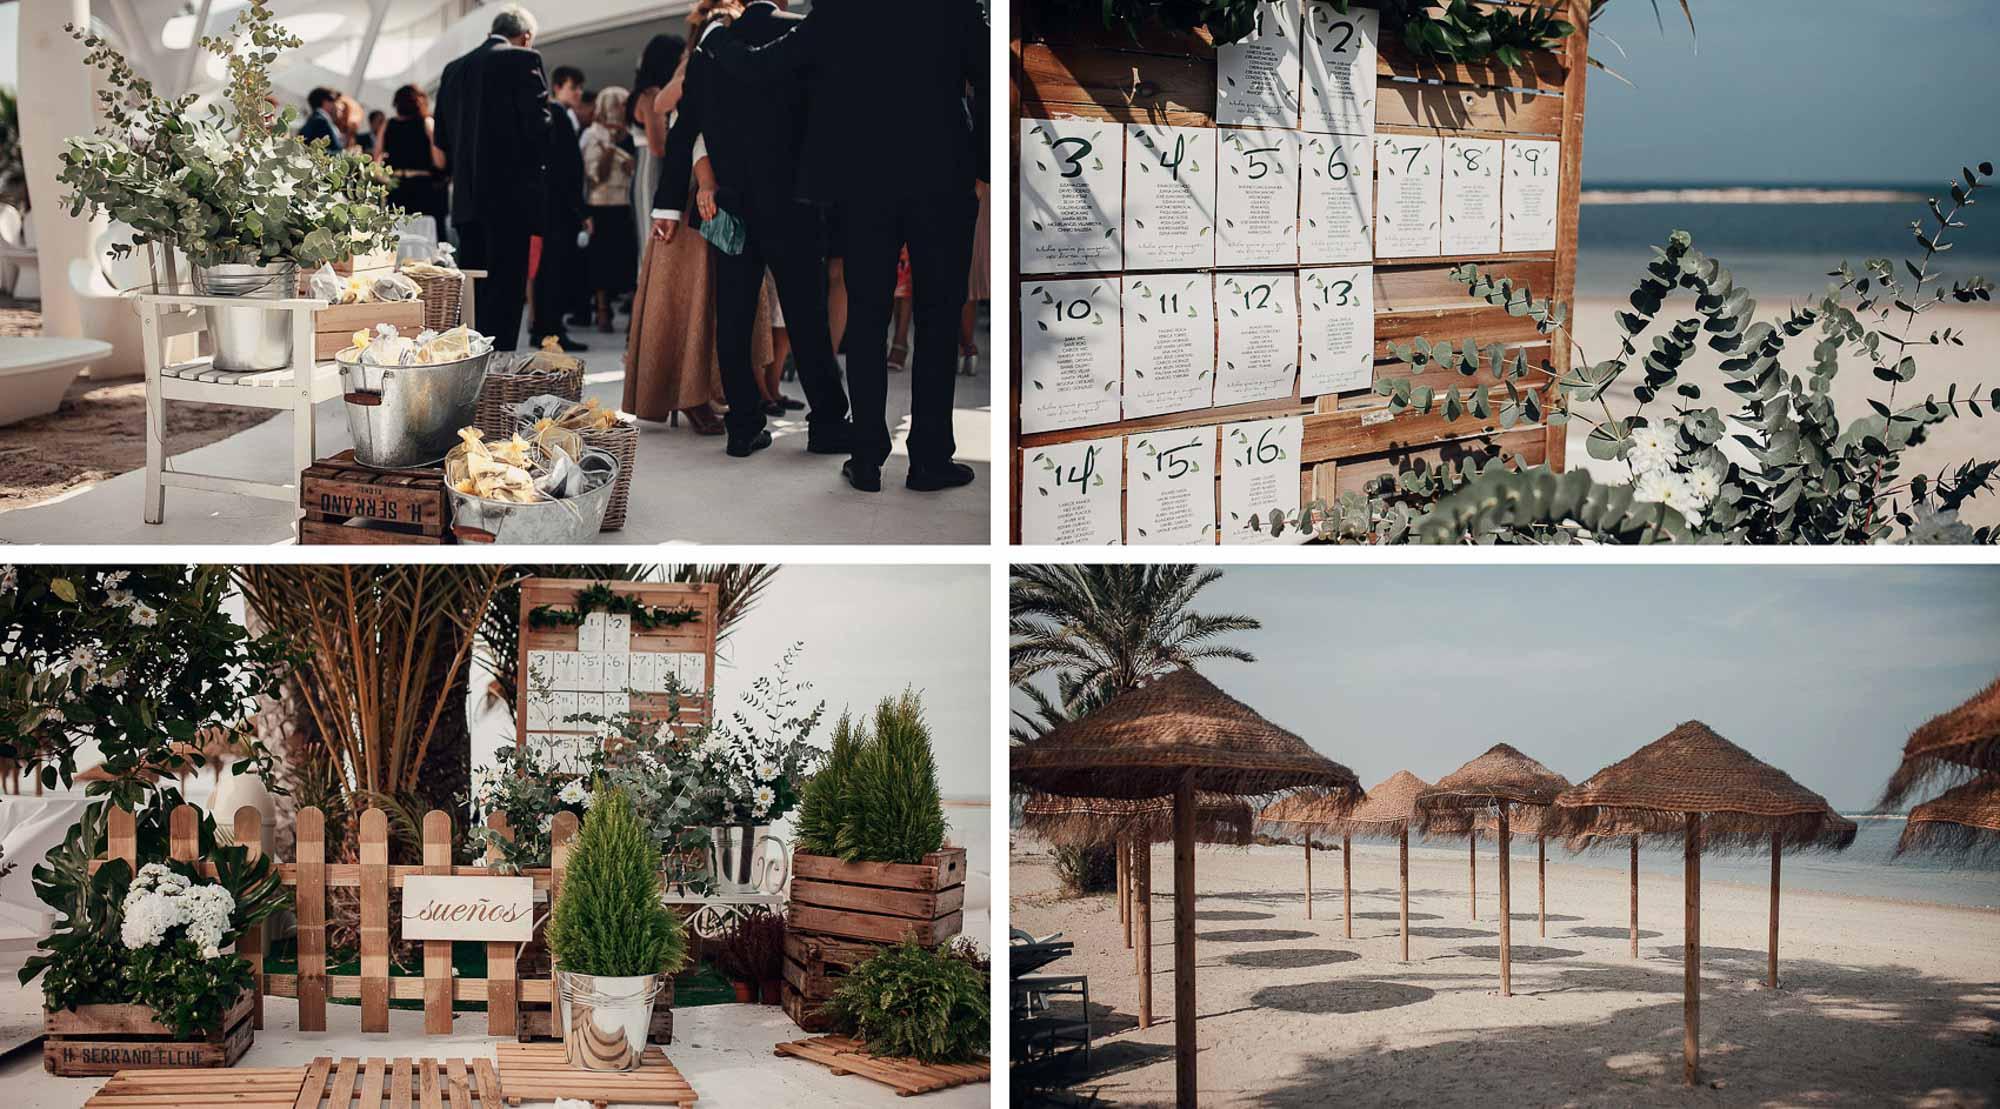 Decoración wedding valisse playa cabo de palos mesas flores fotografia Collados restaurante